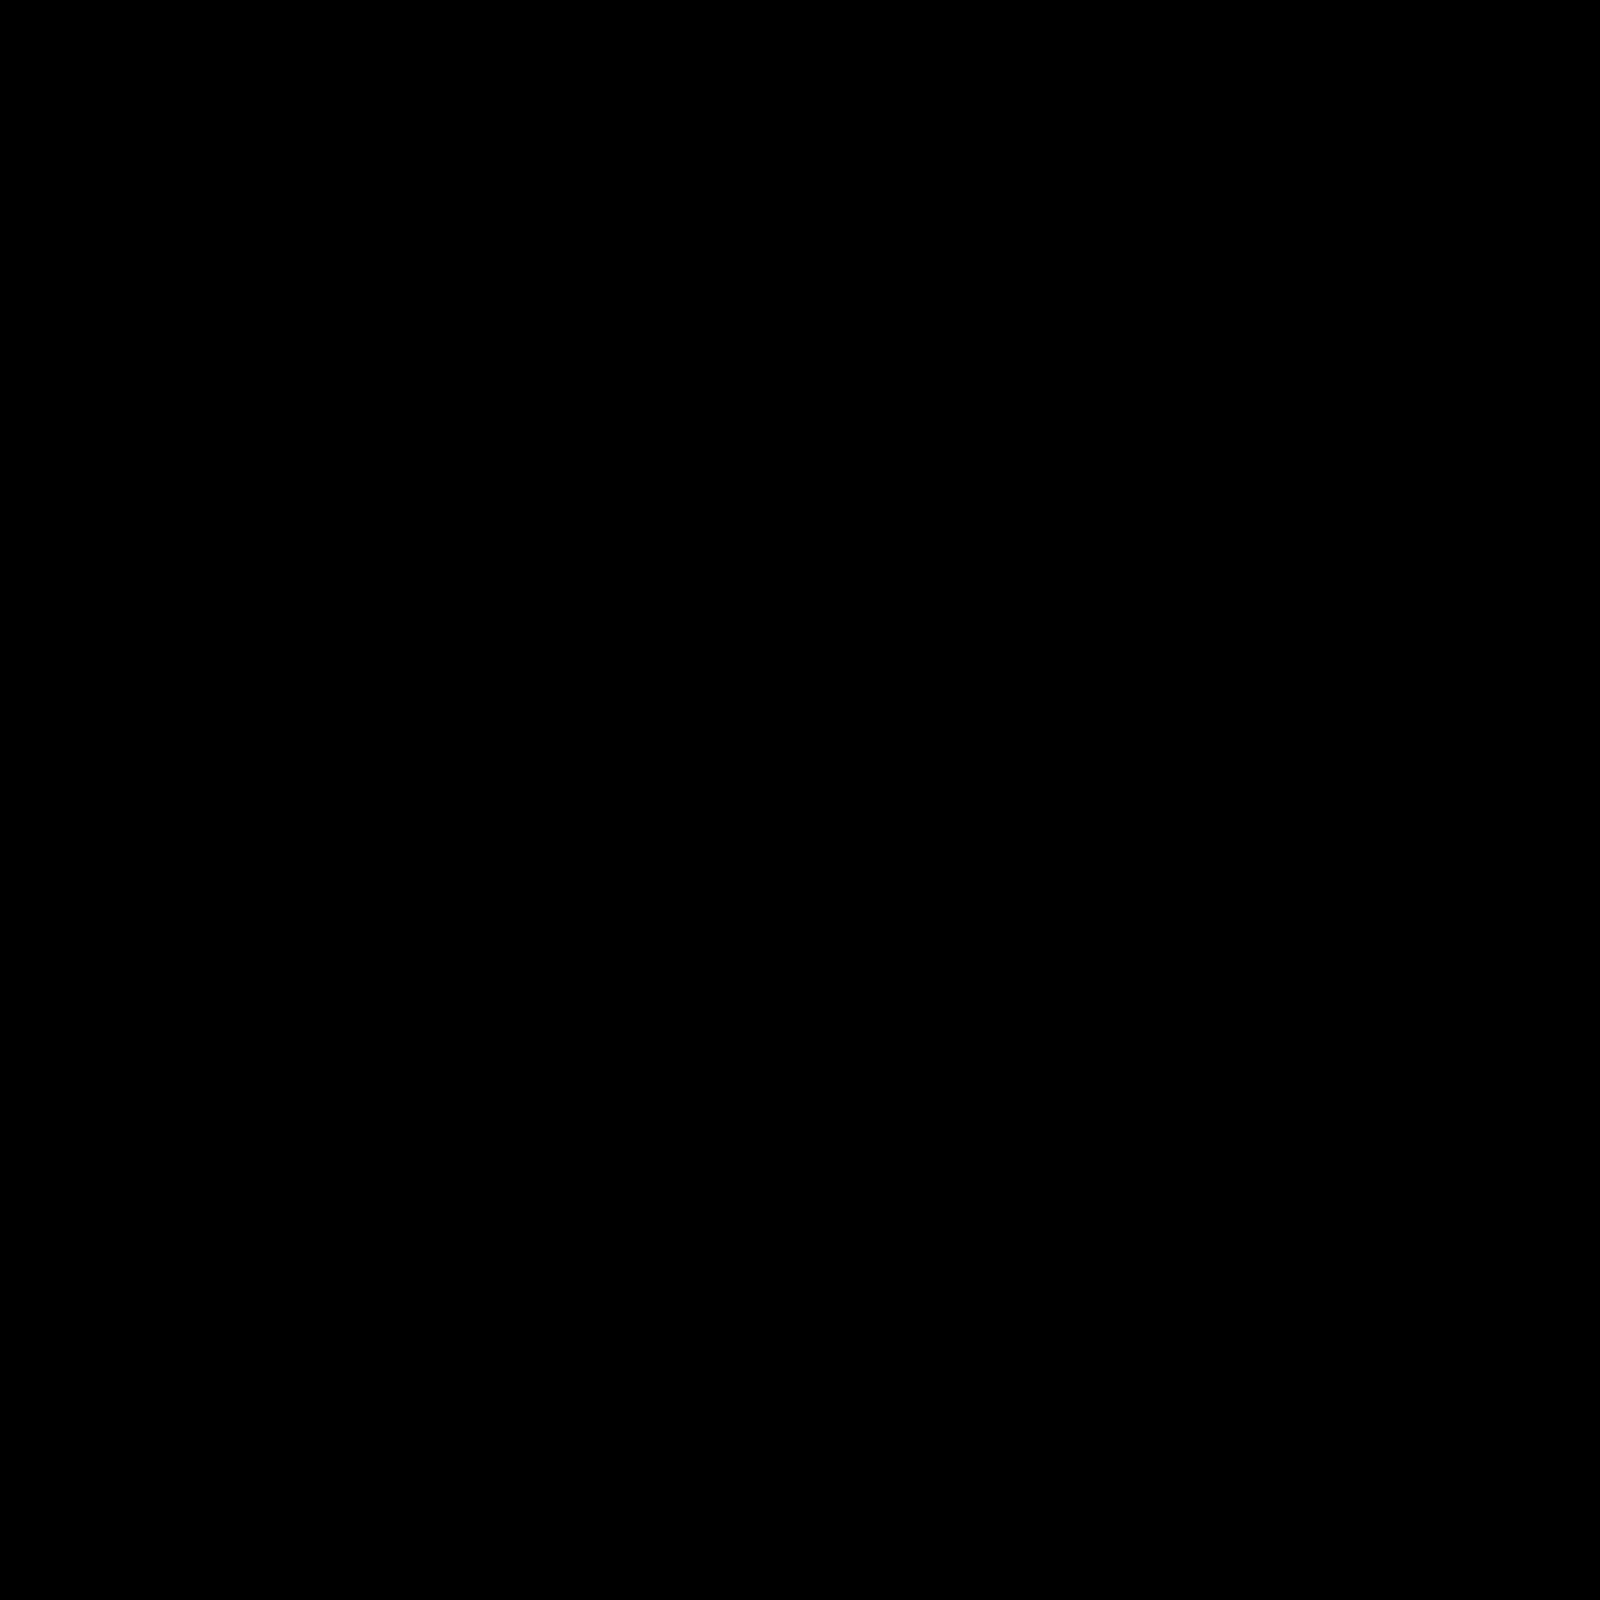 """カメラ持ち込み不可 icon. An outline of a traditional camera, slashed through diagonally by an unbroken line in the universal symbol for """"no"""", or not allowed. Reminiscent of the icon of a camera used on a phone, but struck through."""